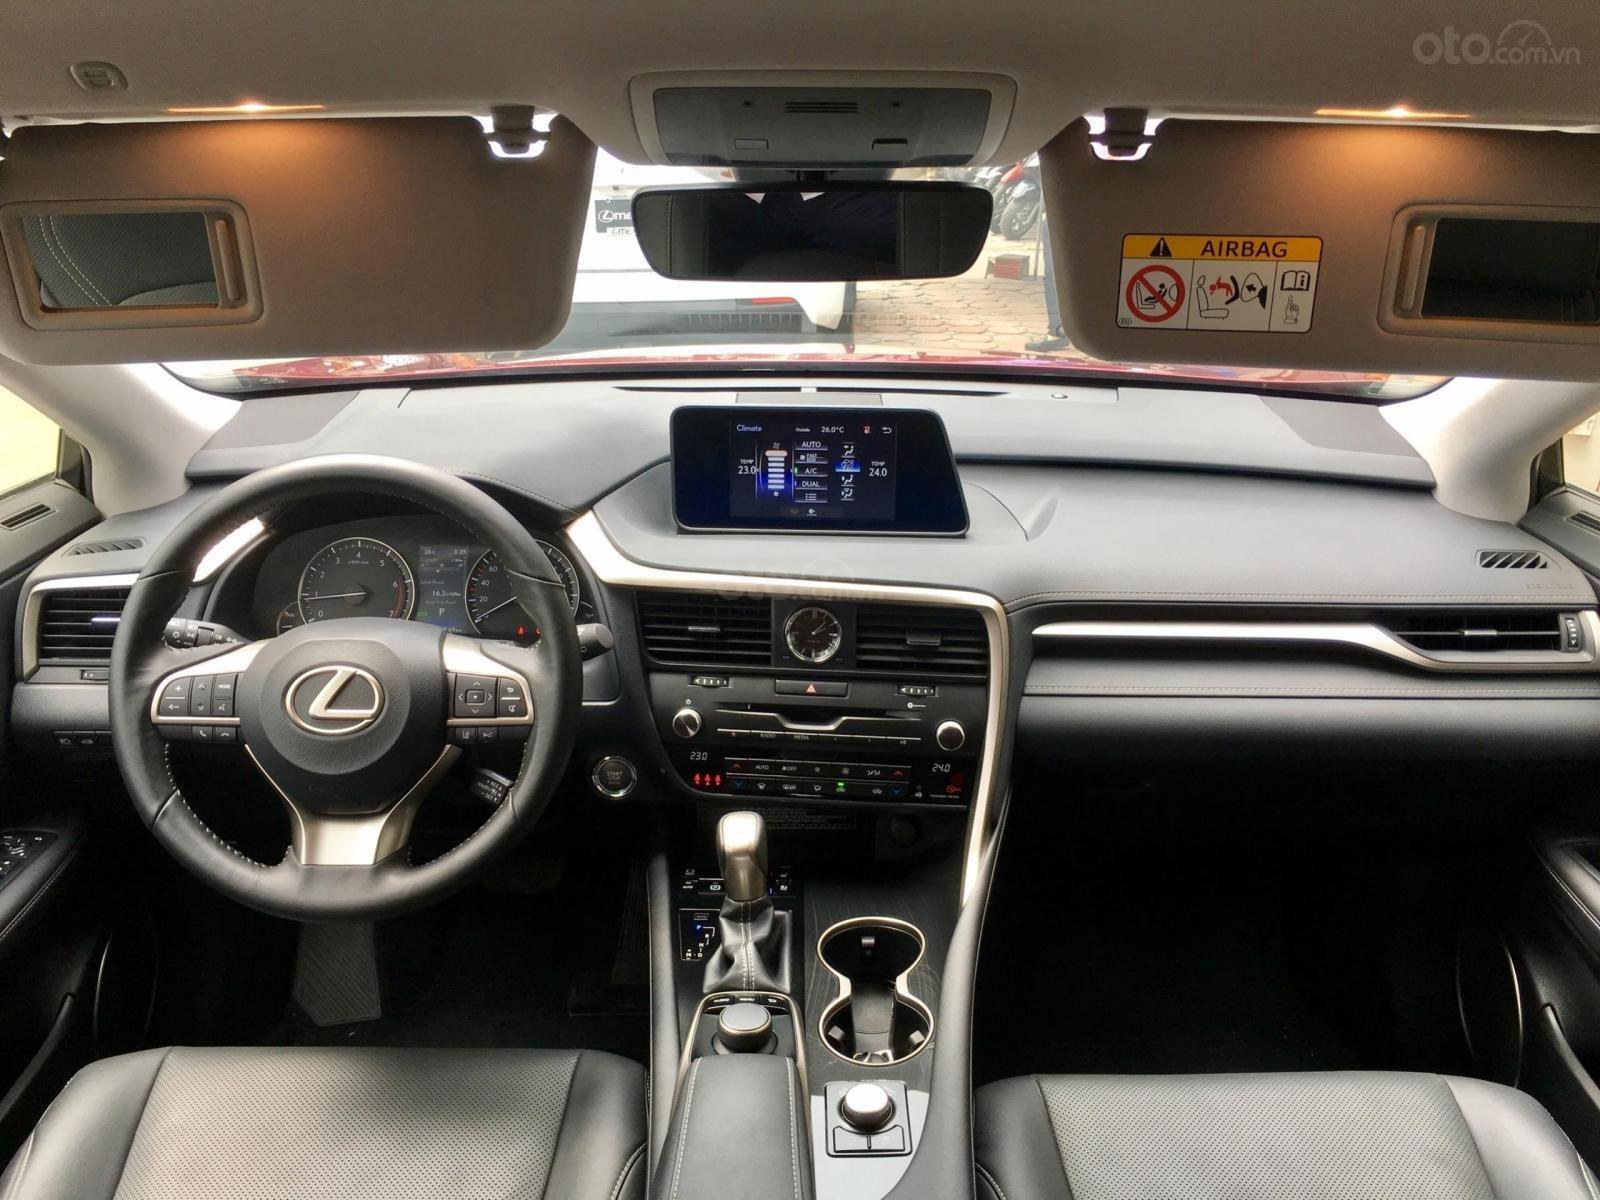 MT Auto bán xe Lexus RX 200t sx 2016, màu đỏ mới 100% giá cực rẻ, hỗ trợ 2 tỷ, LH em Hương 0945392468-24